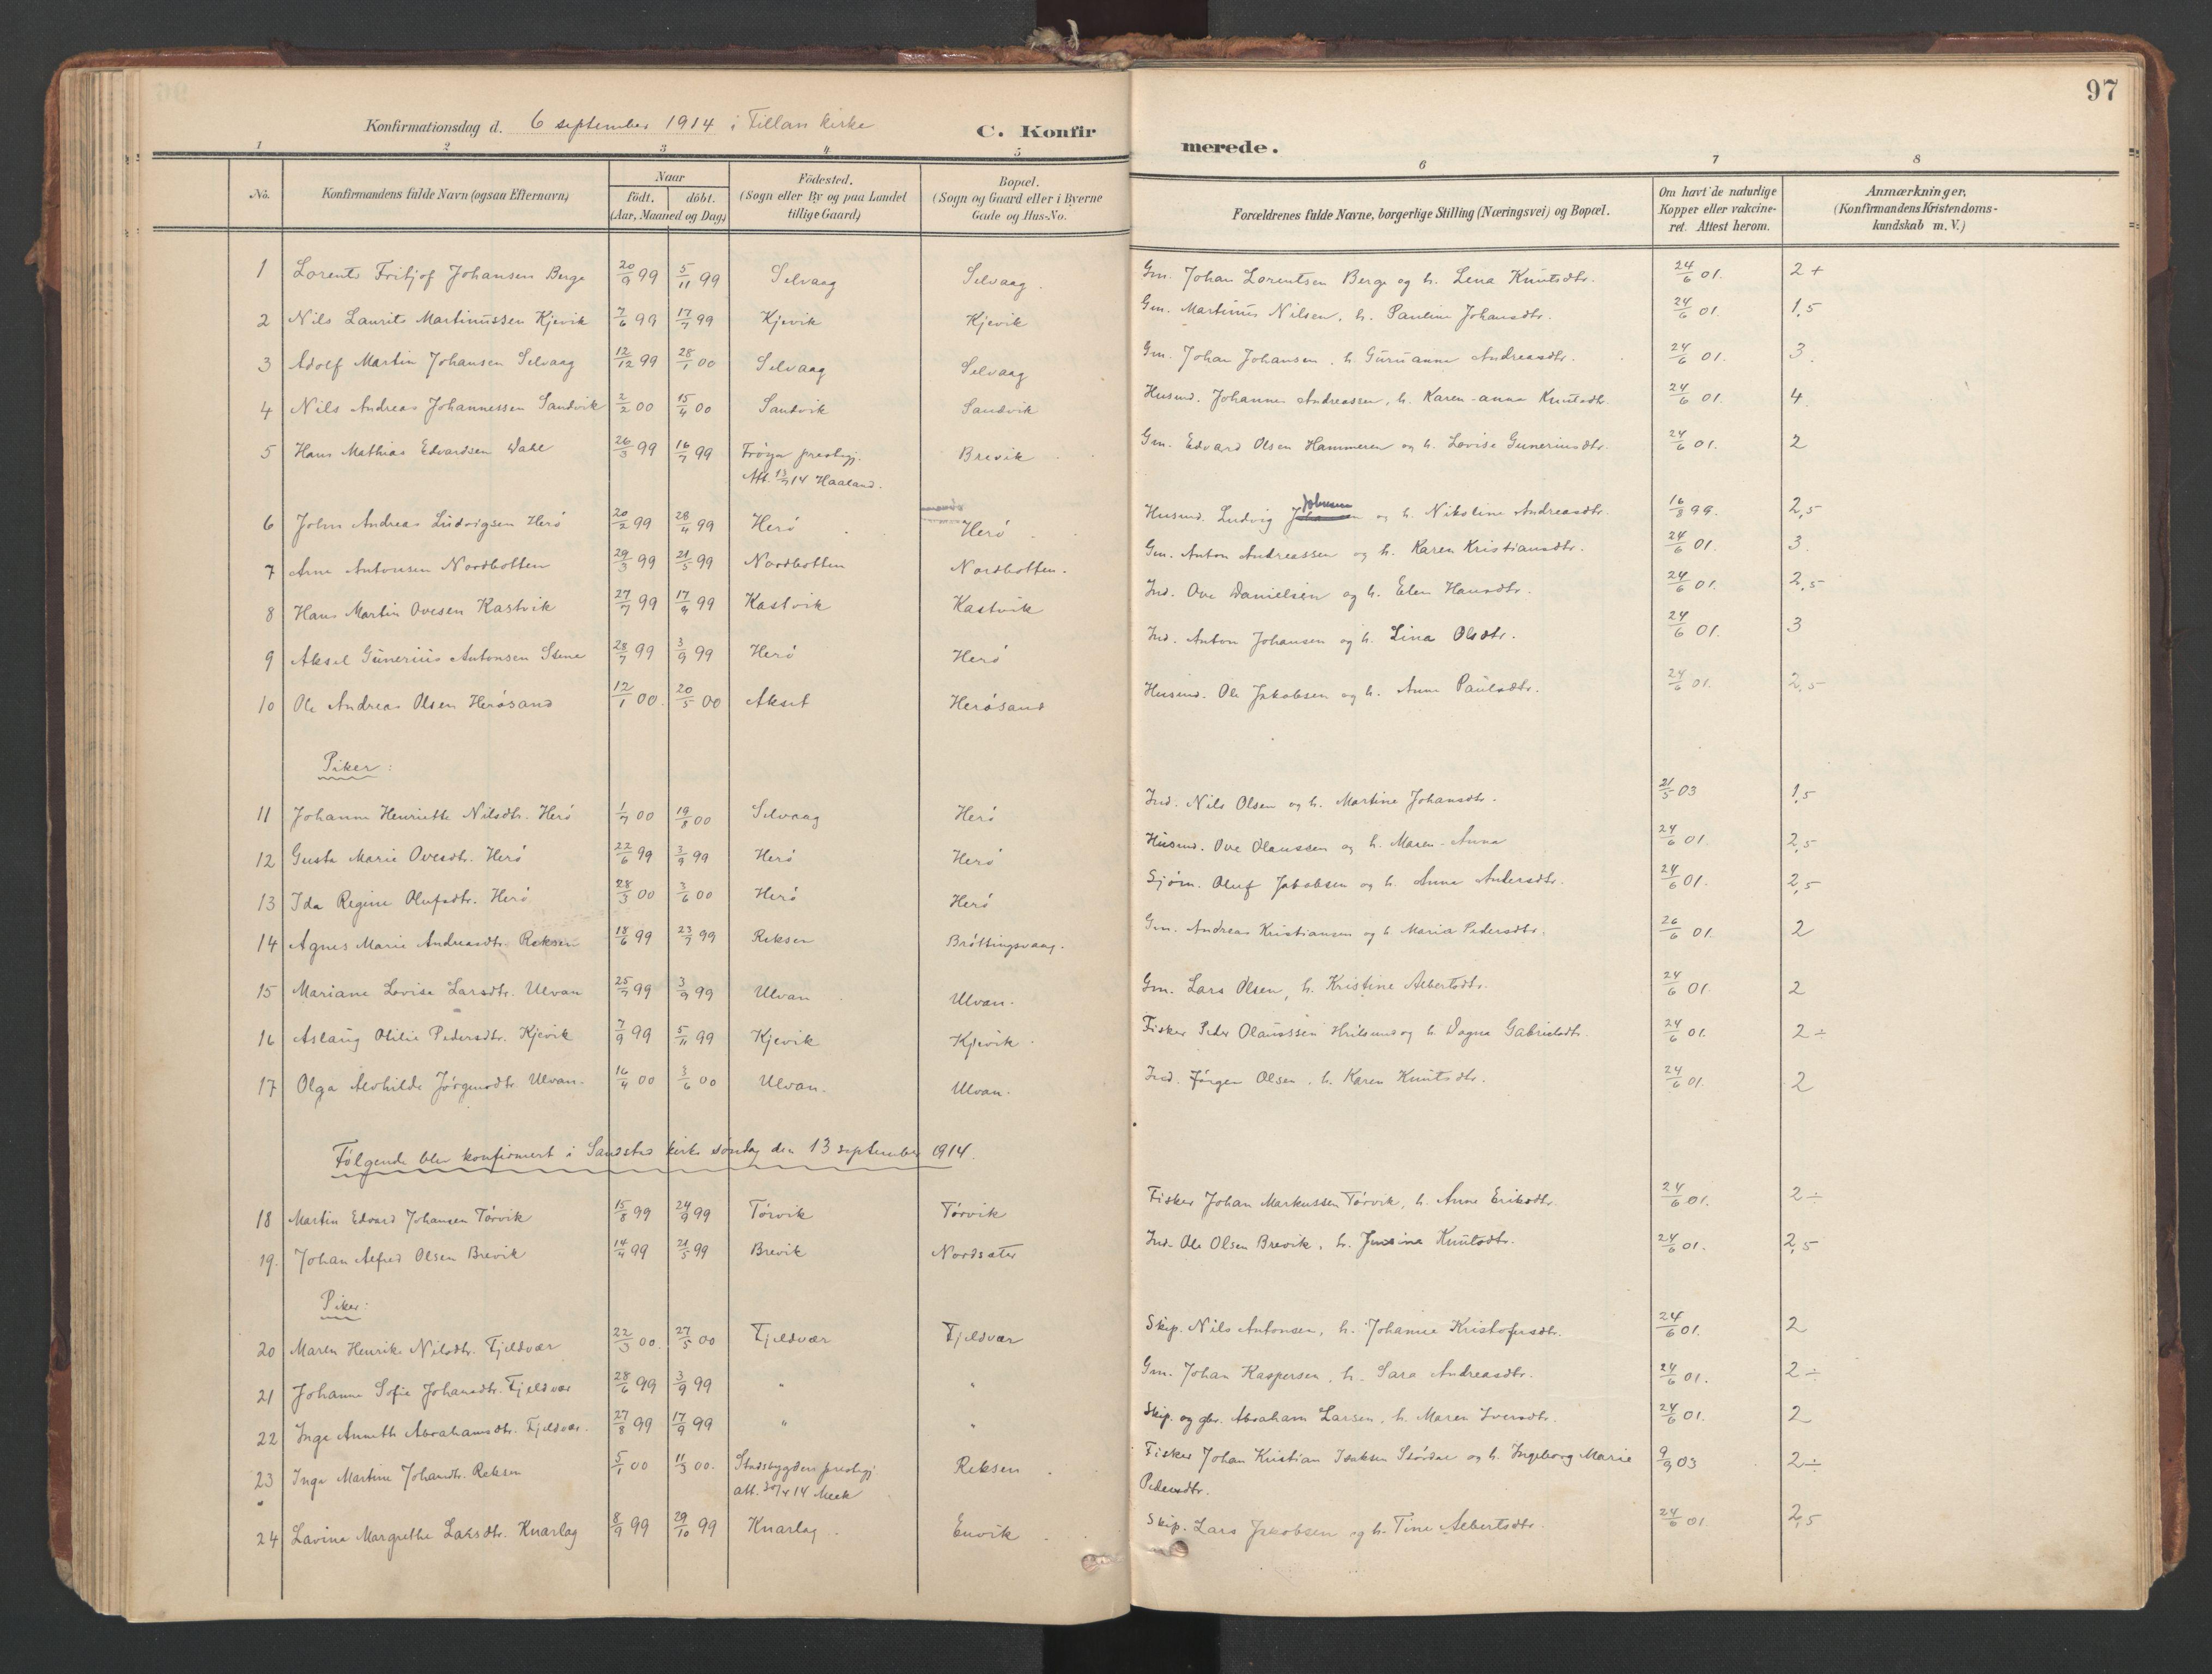 SAT, Ministerialprotokoller, klokkerbøker og fødselsregistre - Sør-Trøndelag, 638/L0568: Ministerialbok nr. 638A01, 1901-1916, s. 97